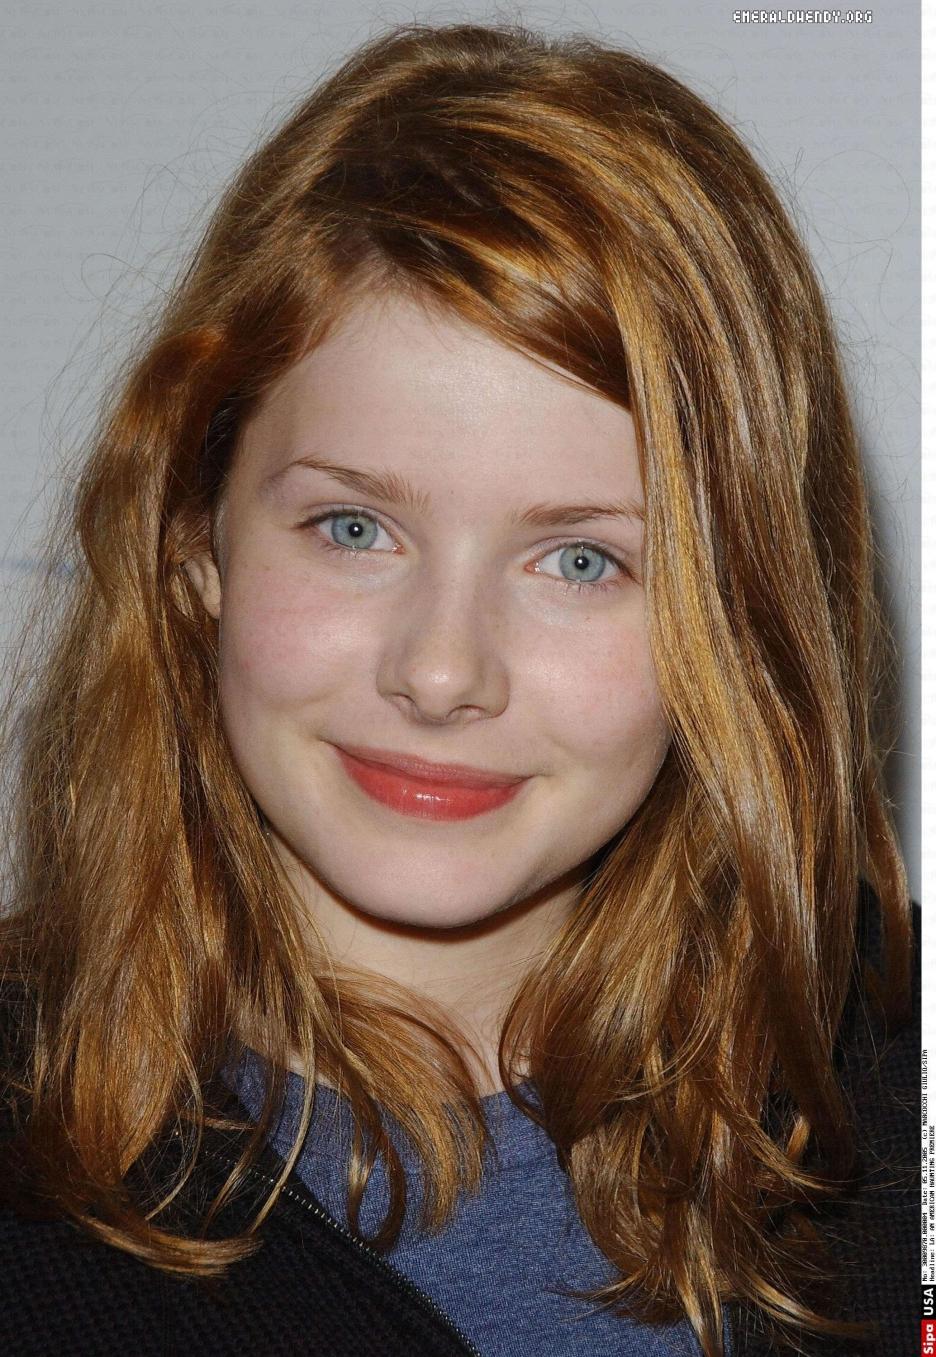 Picture Of Rachel Hurd Wood In General Pictures Rachel Hurd Wood 1374263460 Jpg Teen Idols 4 You